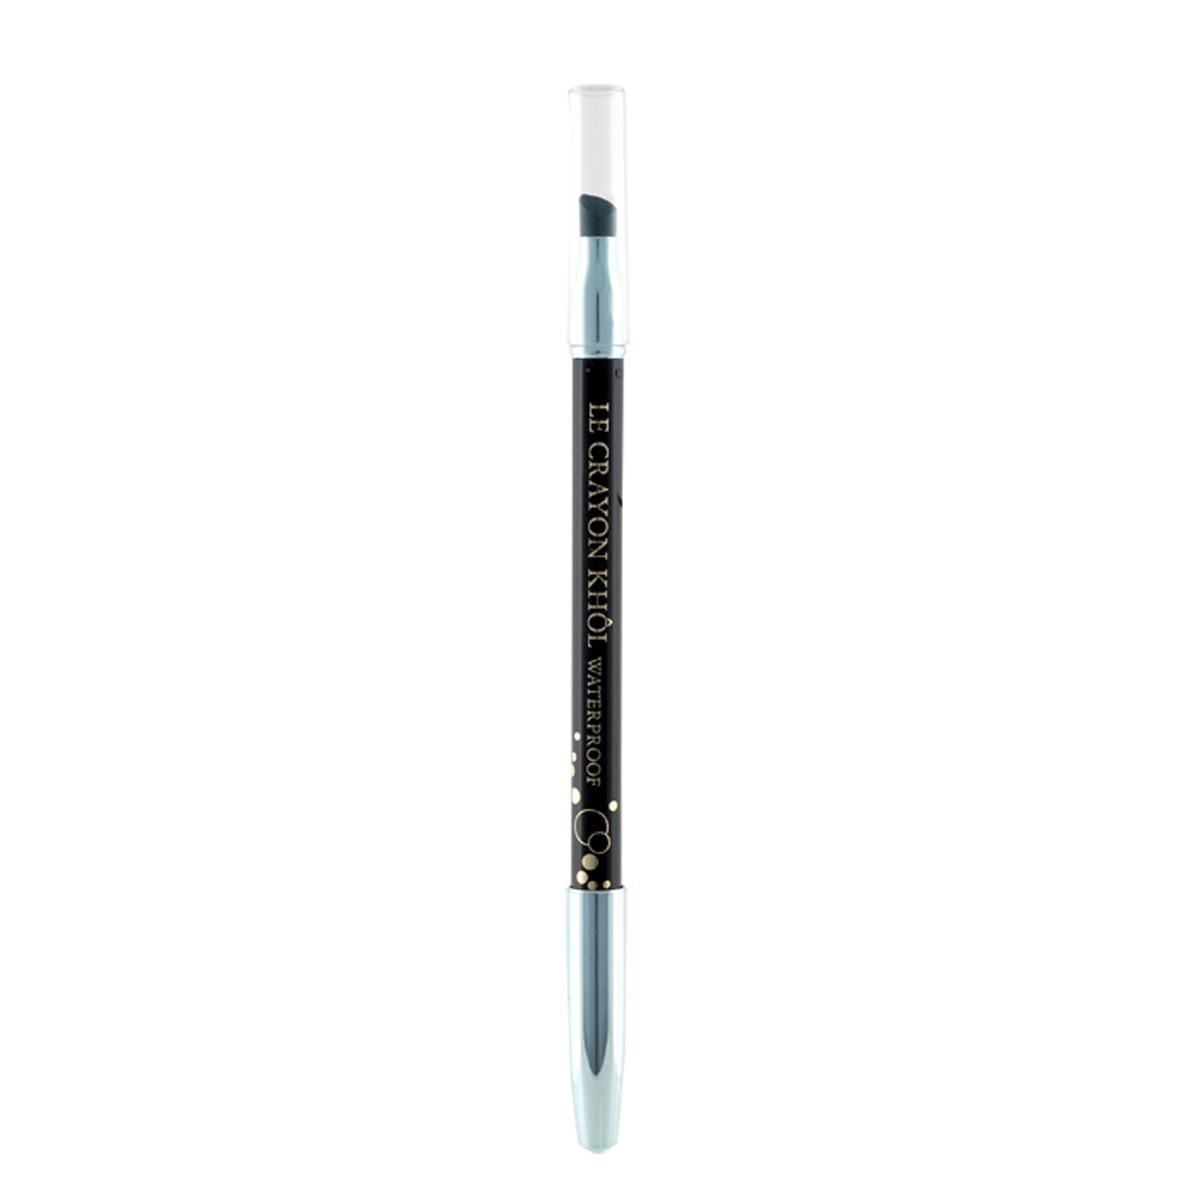 Lancôme - Crayon Khôl Waterproof - Dessine ou redessine le contour des yeux